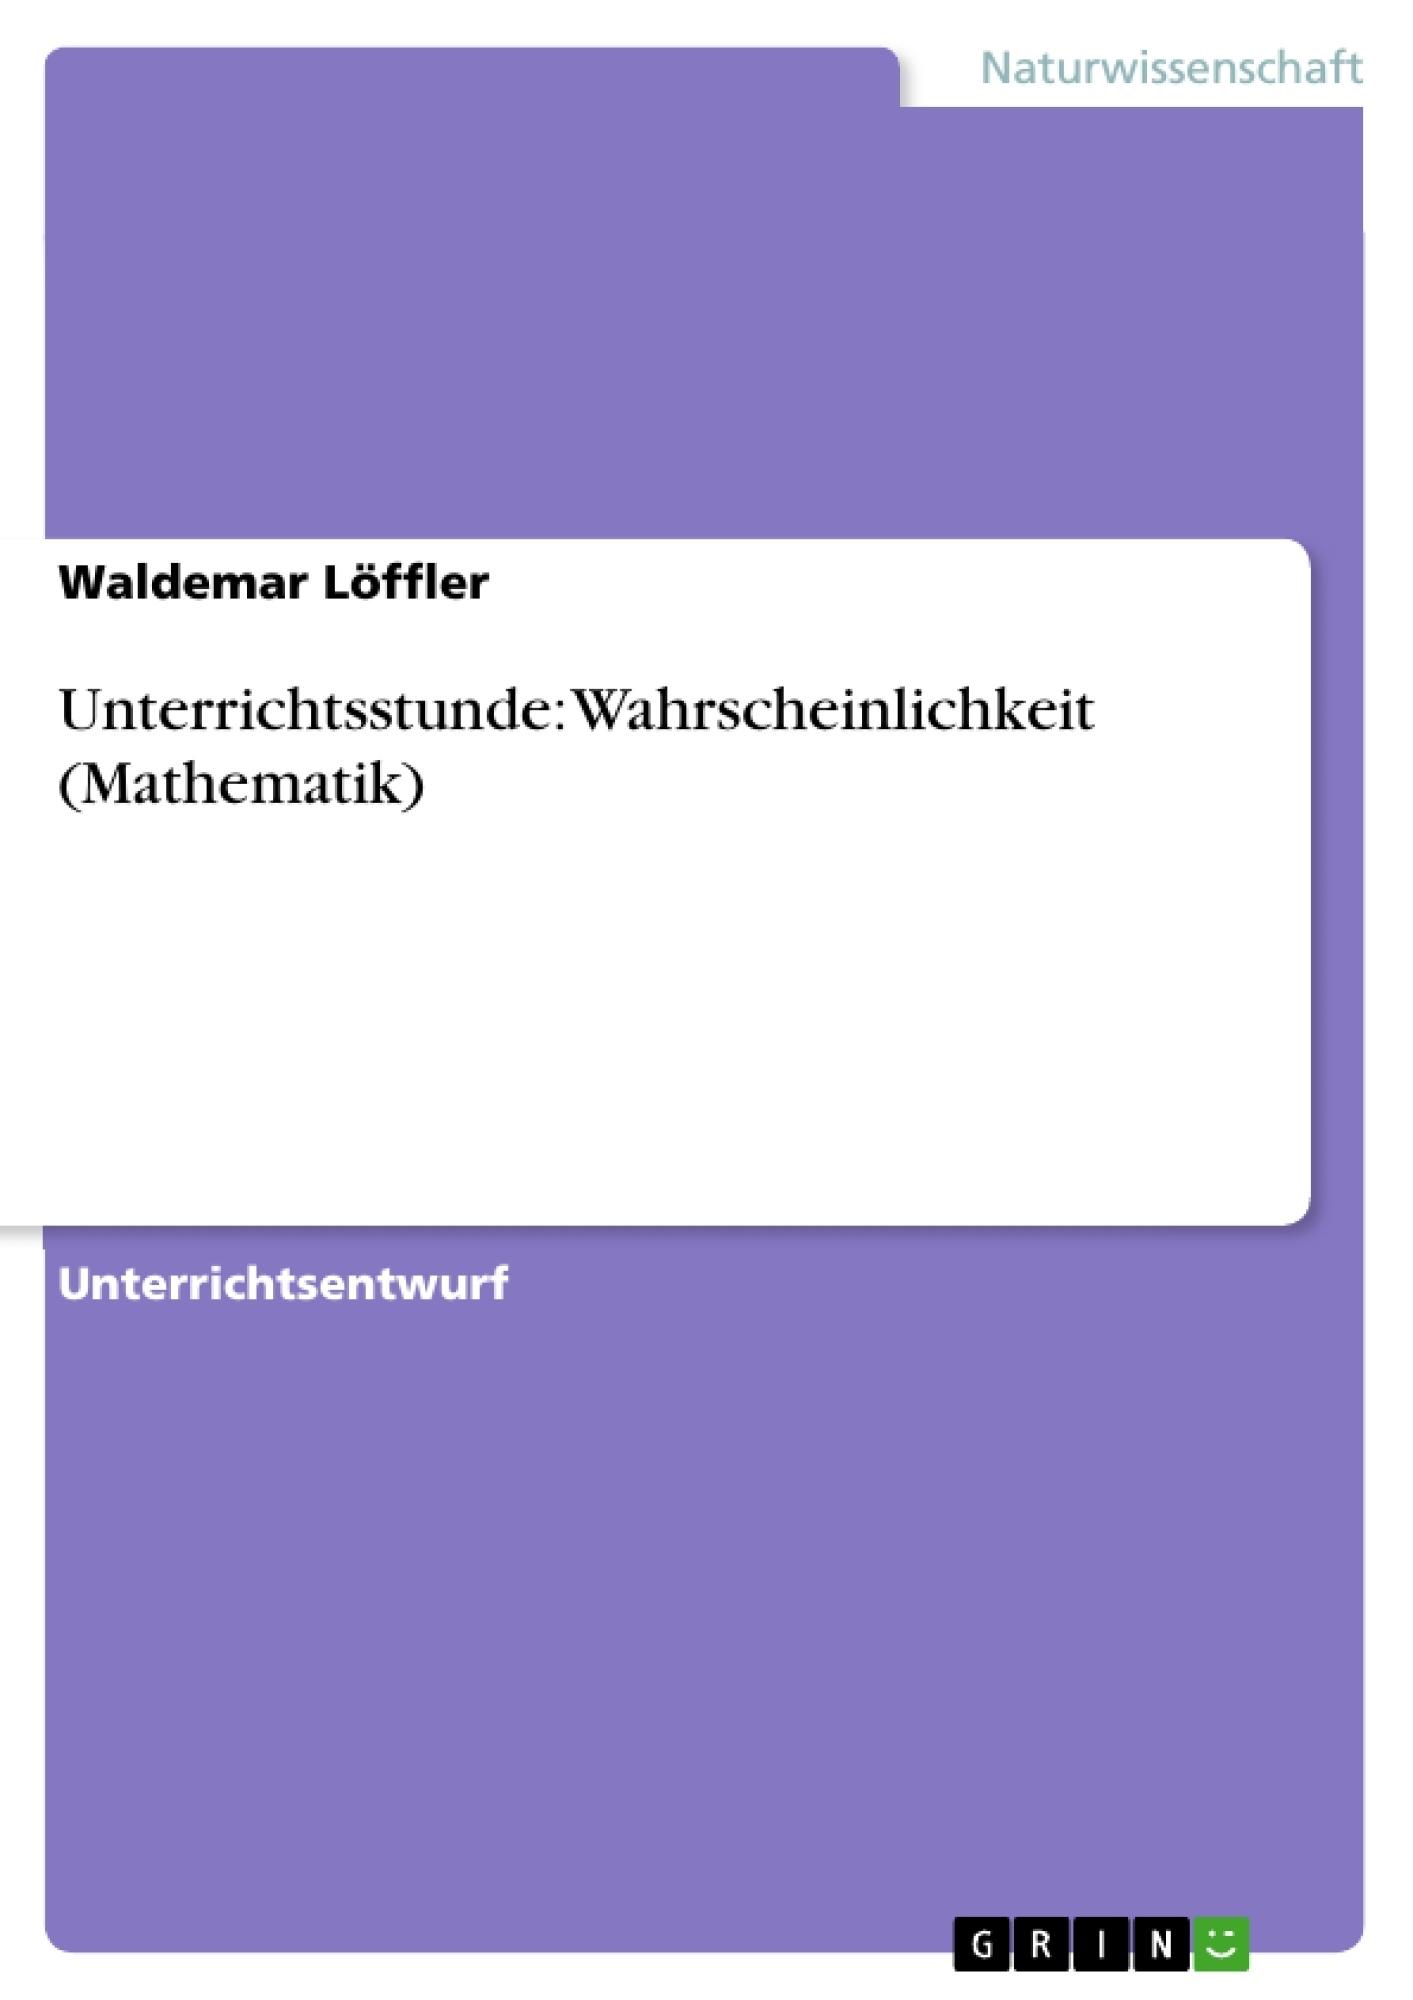 Titel: Unterrichtsstunde: Wahrscheinlichkeit (Mathematik)